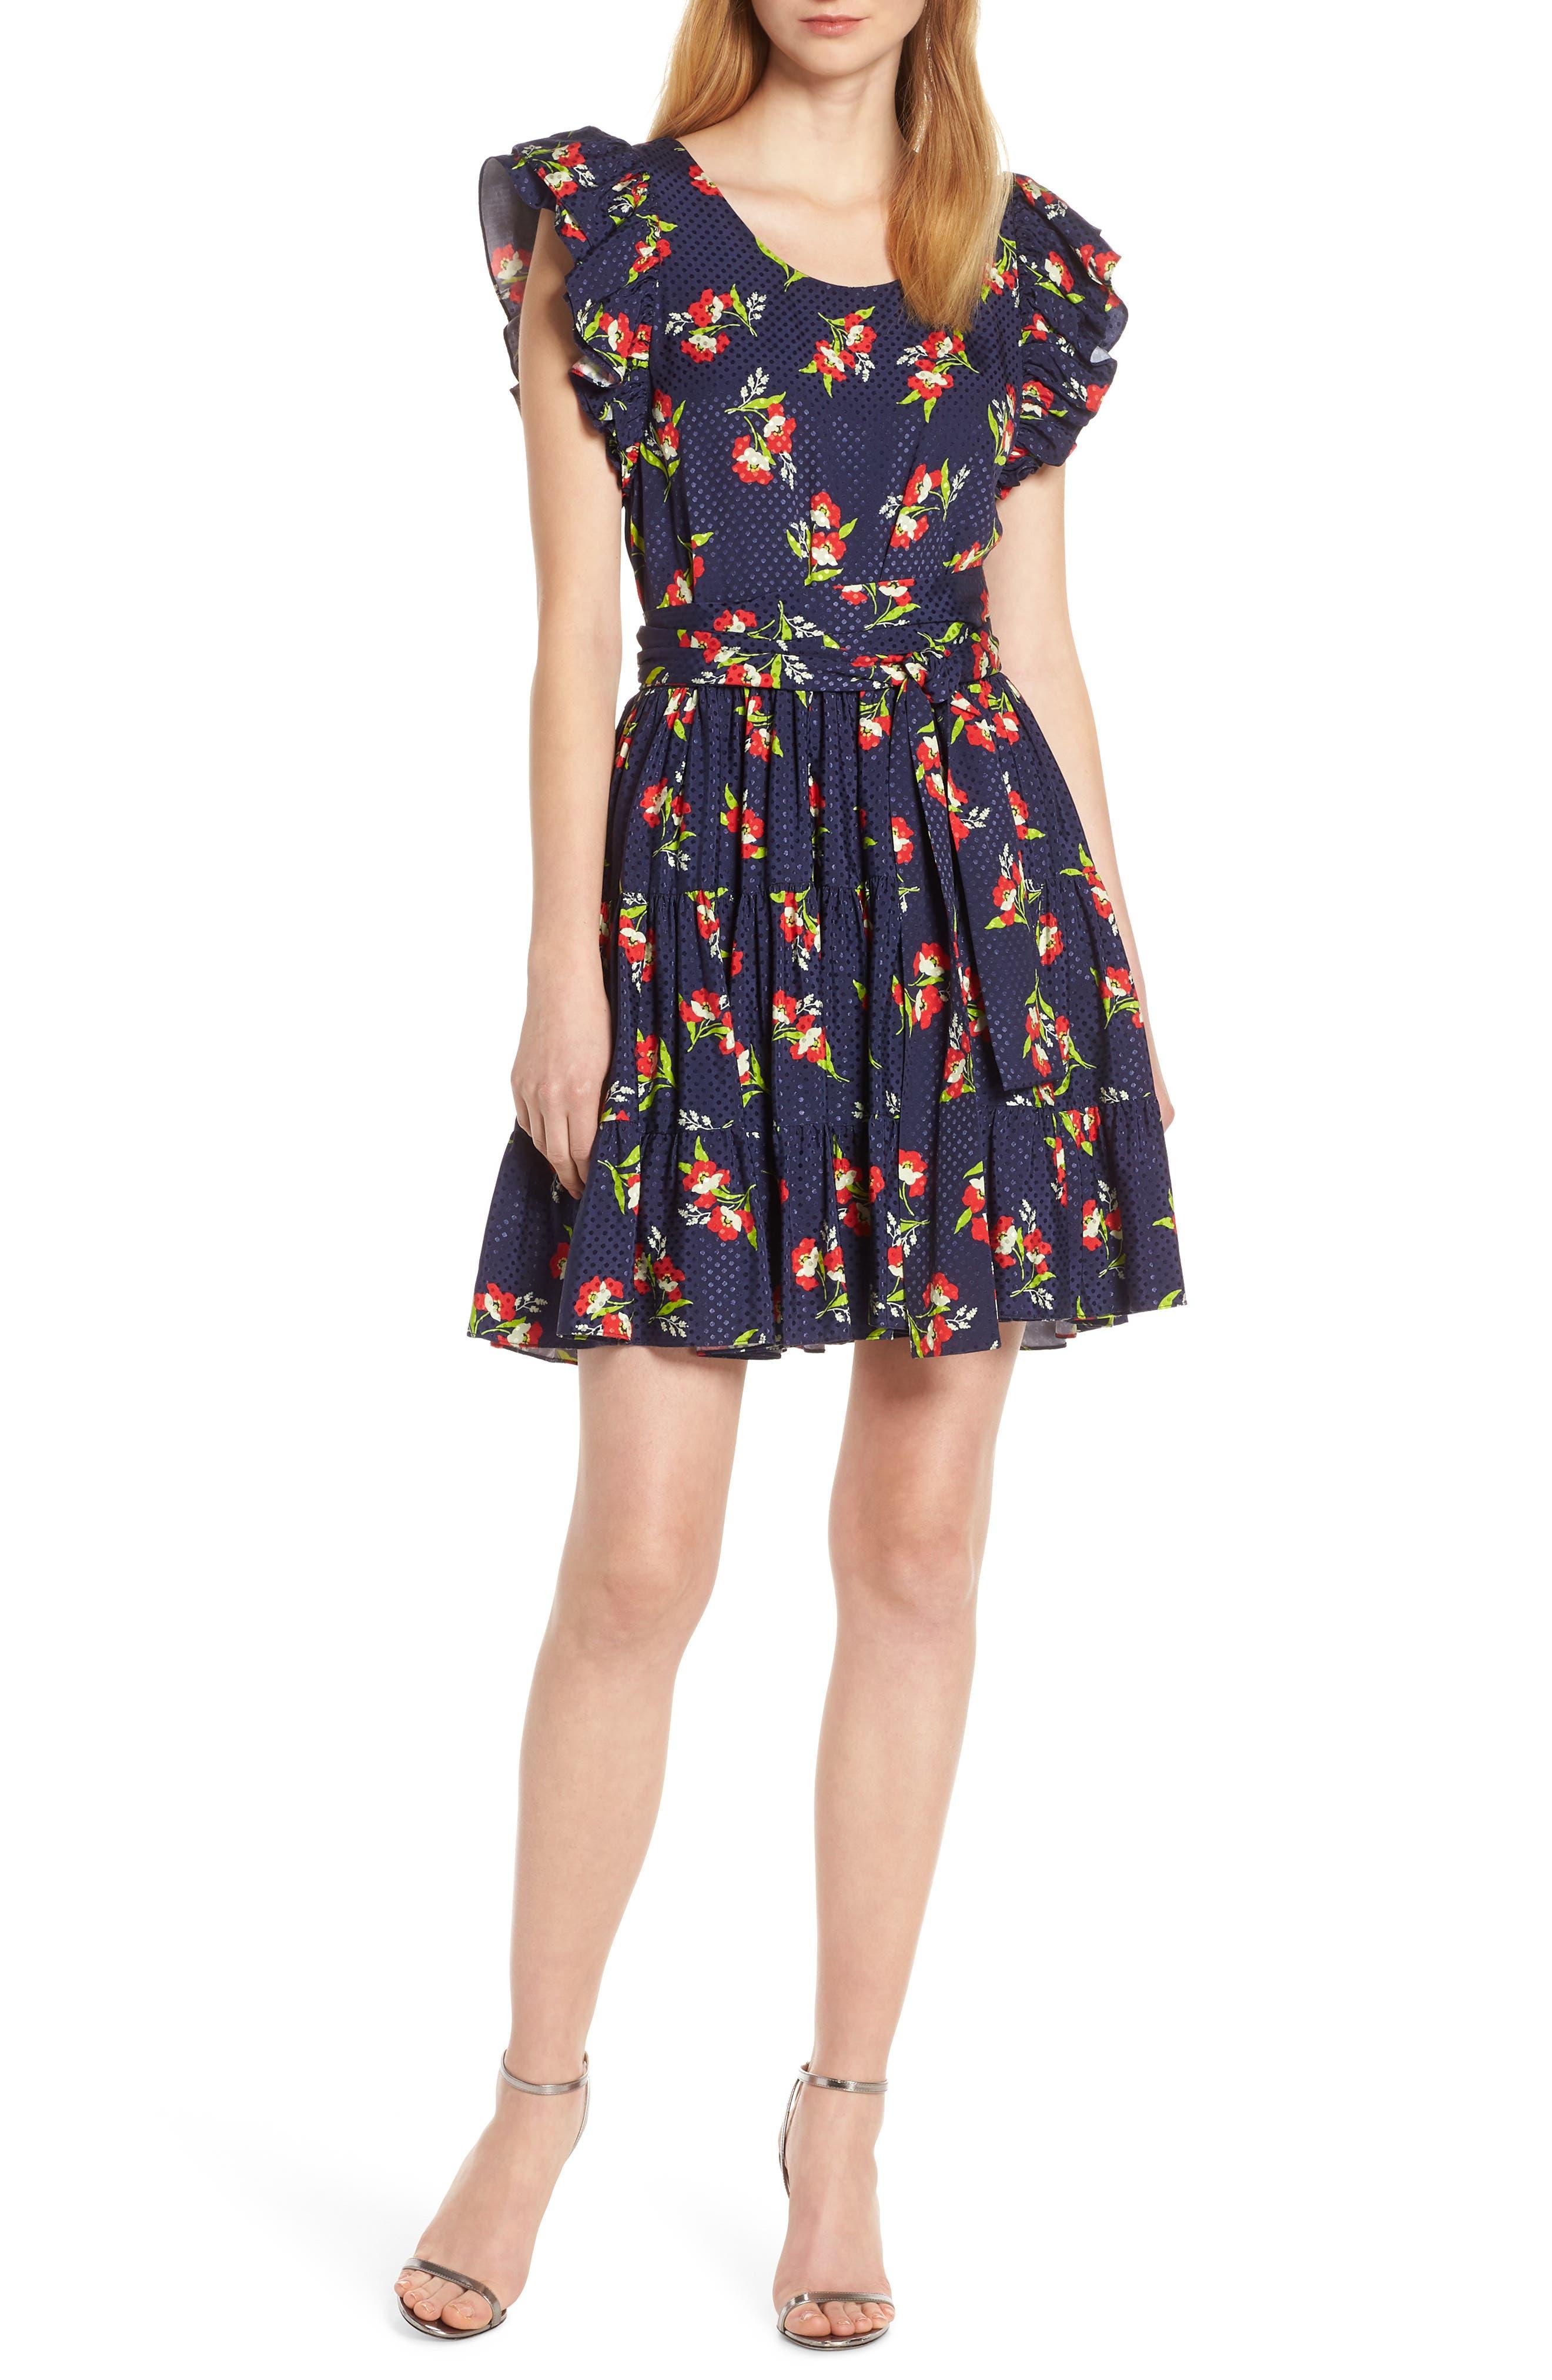 Jill Jill Stuart Floral Fit & Flare Dress, Blue